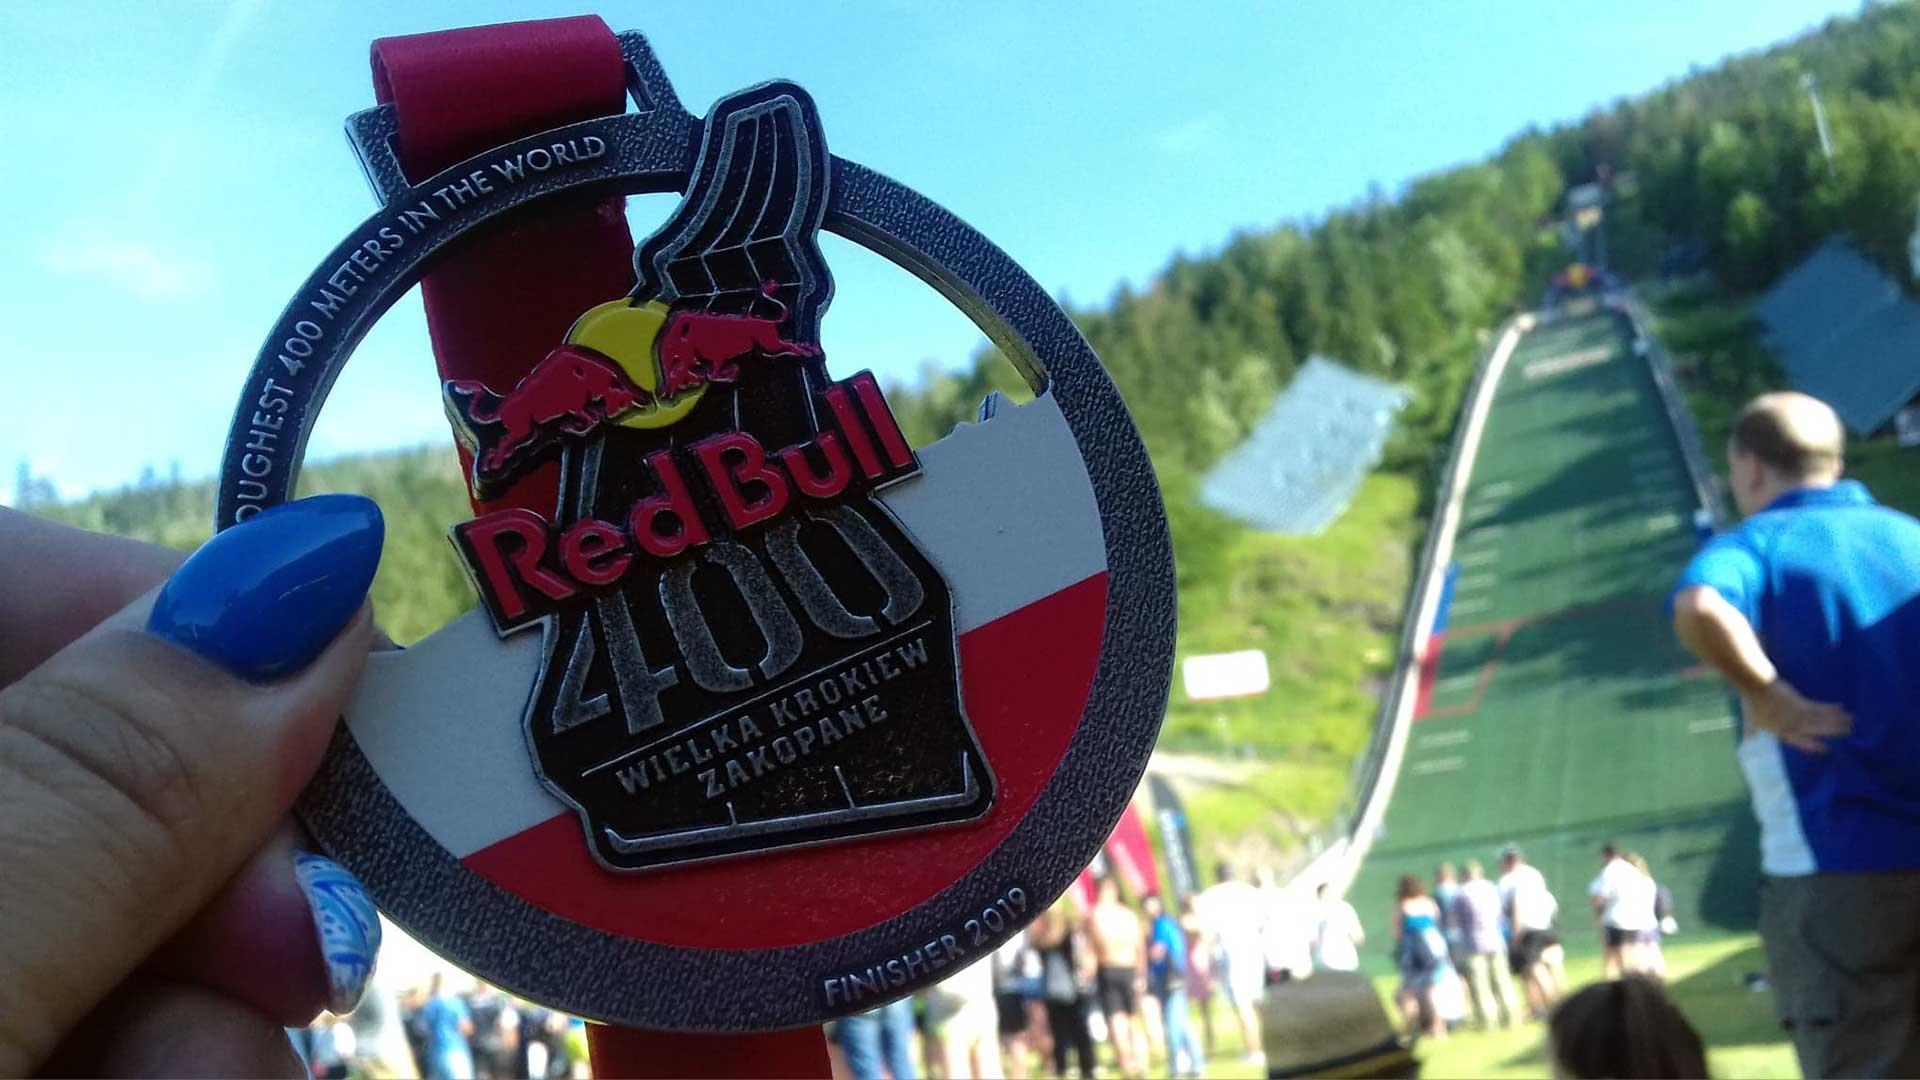 Medal Red Bull 400